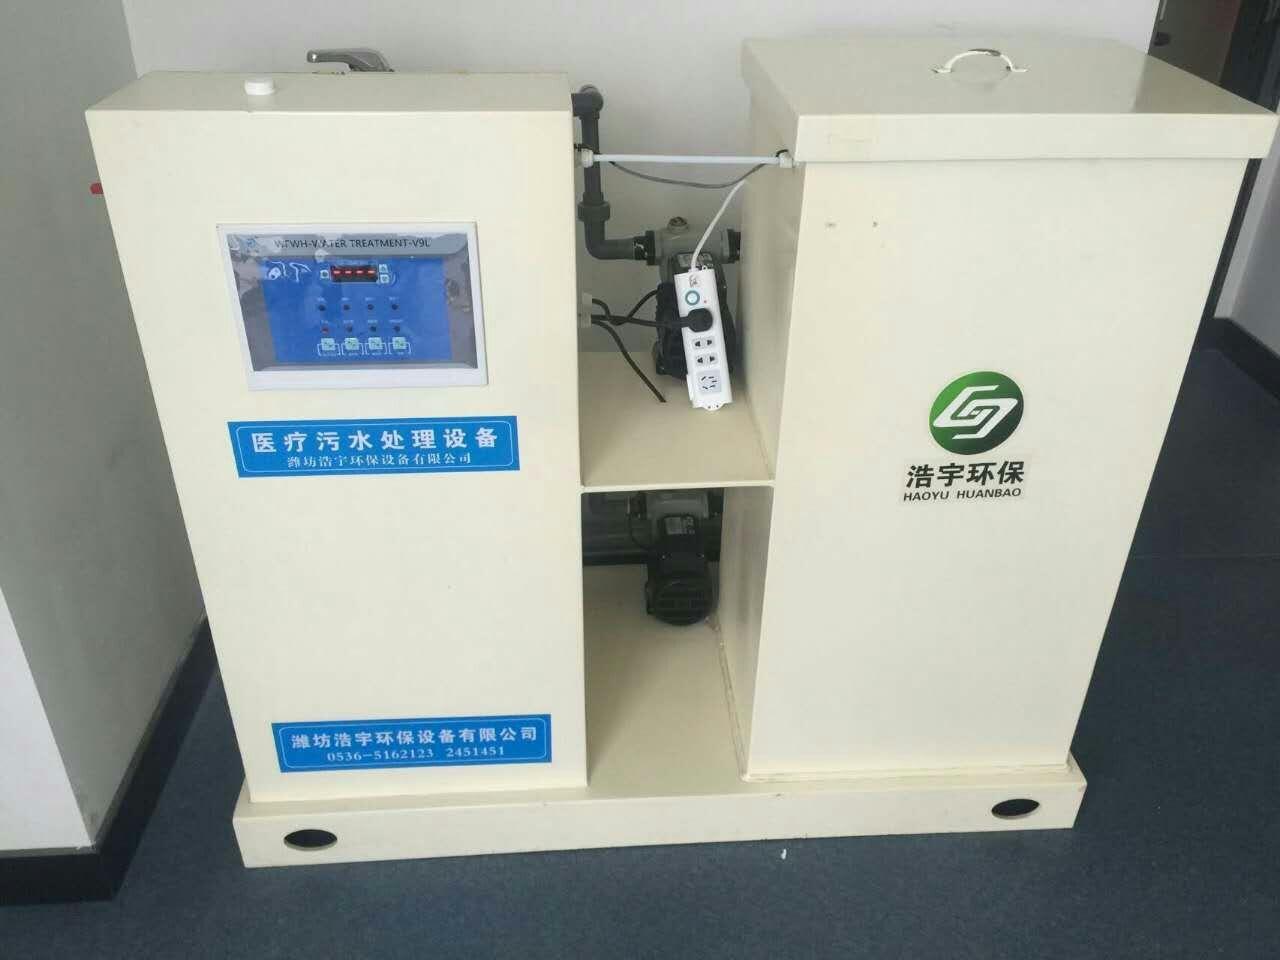 化驗室生化儀污水處理設備 <br> 全新  價格:16500 <br> <img src=http://k.kqzp.cn/img/up/img/5f06d10c2d683.jpg